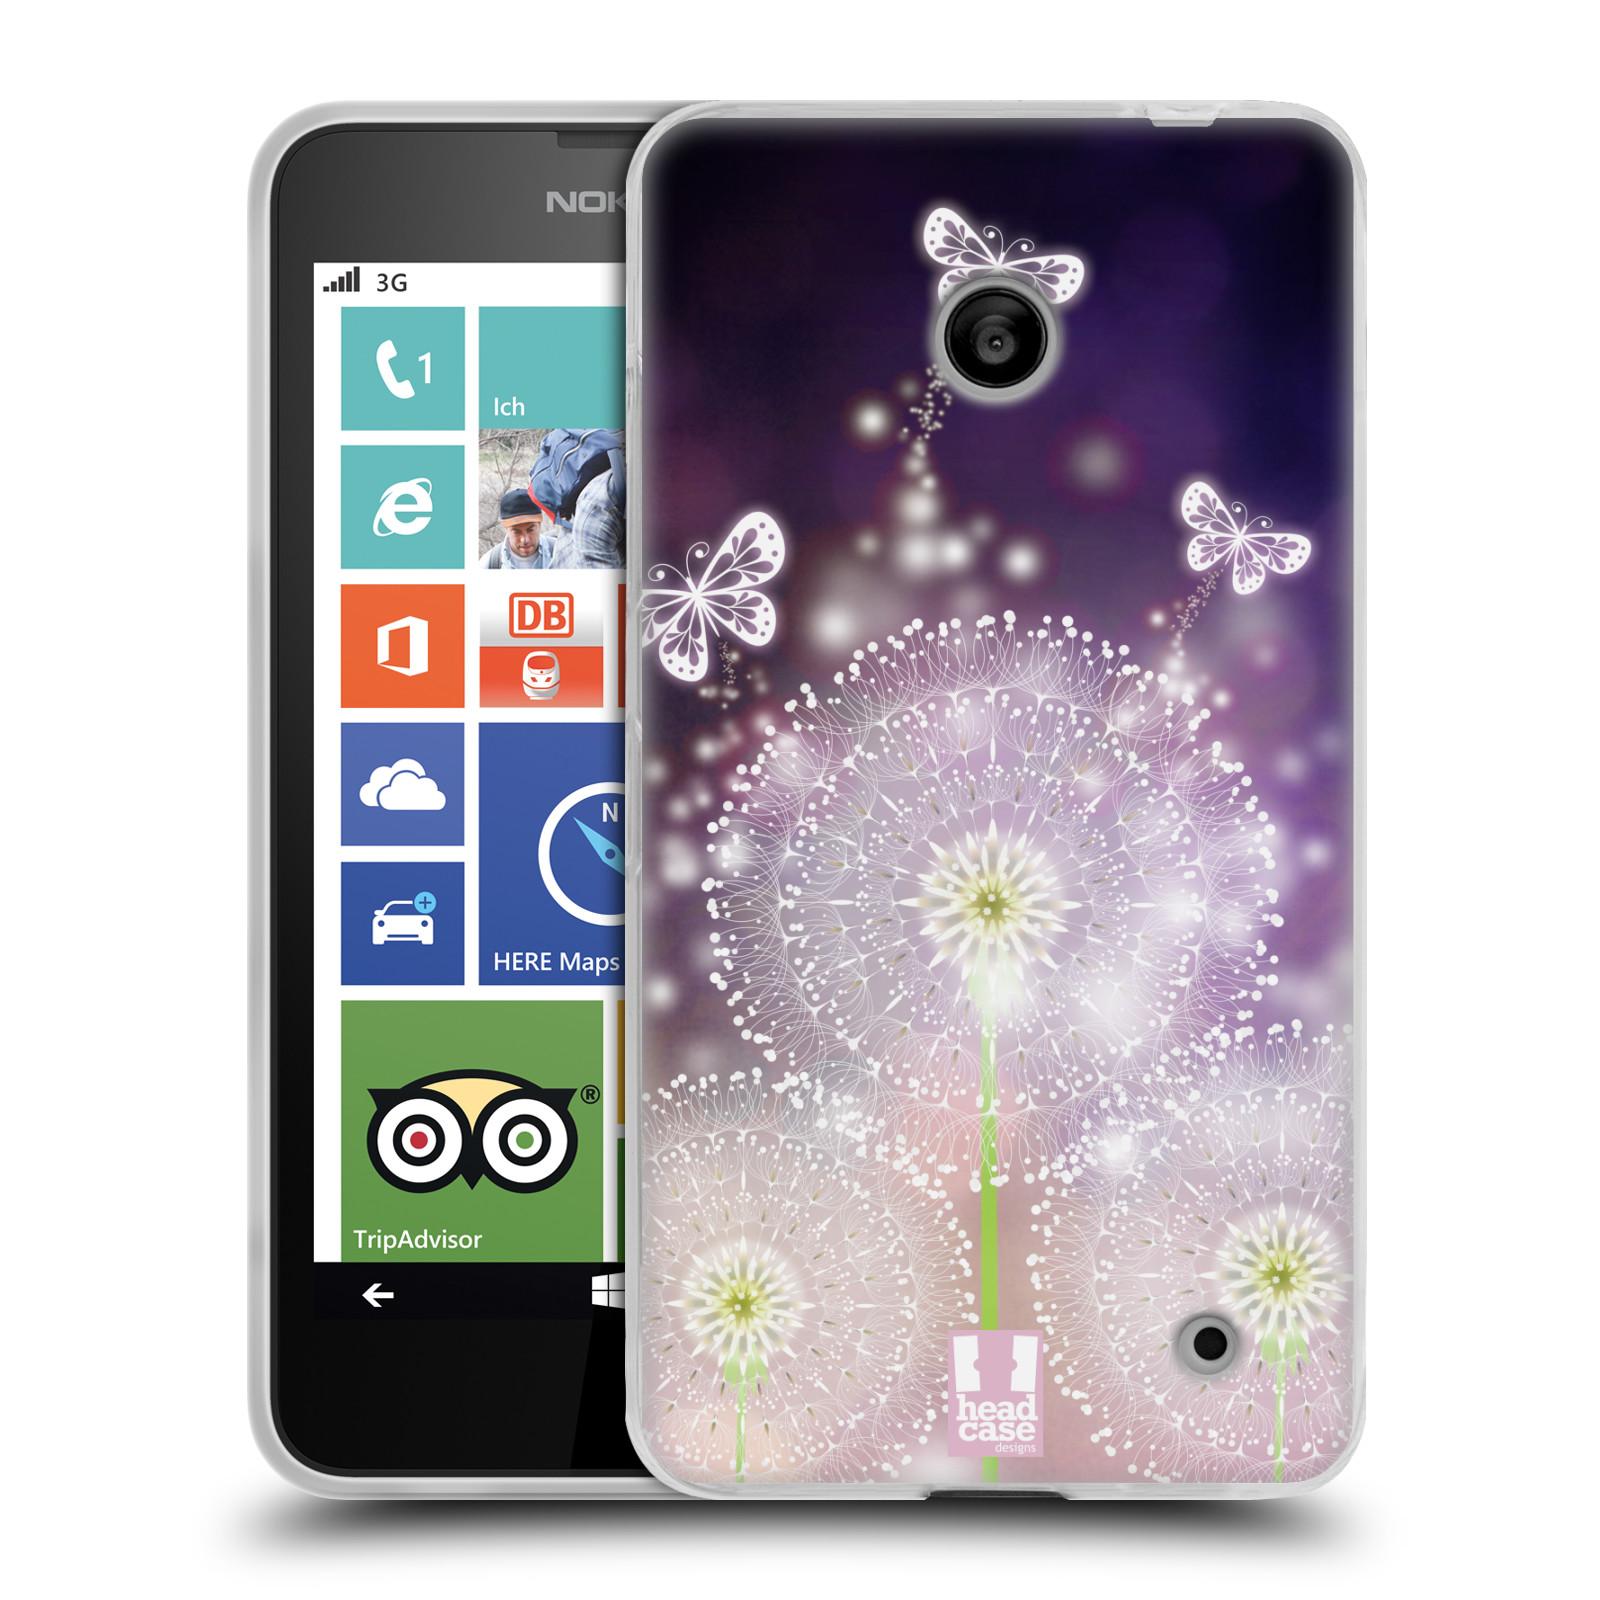 Silikonové pouzdro na mobil Nokia Lumia 630 HEAD CASE Pampelišky a Motýlci (Silikonový kryt či obal na mobilní telefon Nokia Lumia 630 a Nokia Lumia 630 Dual SIM)